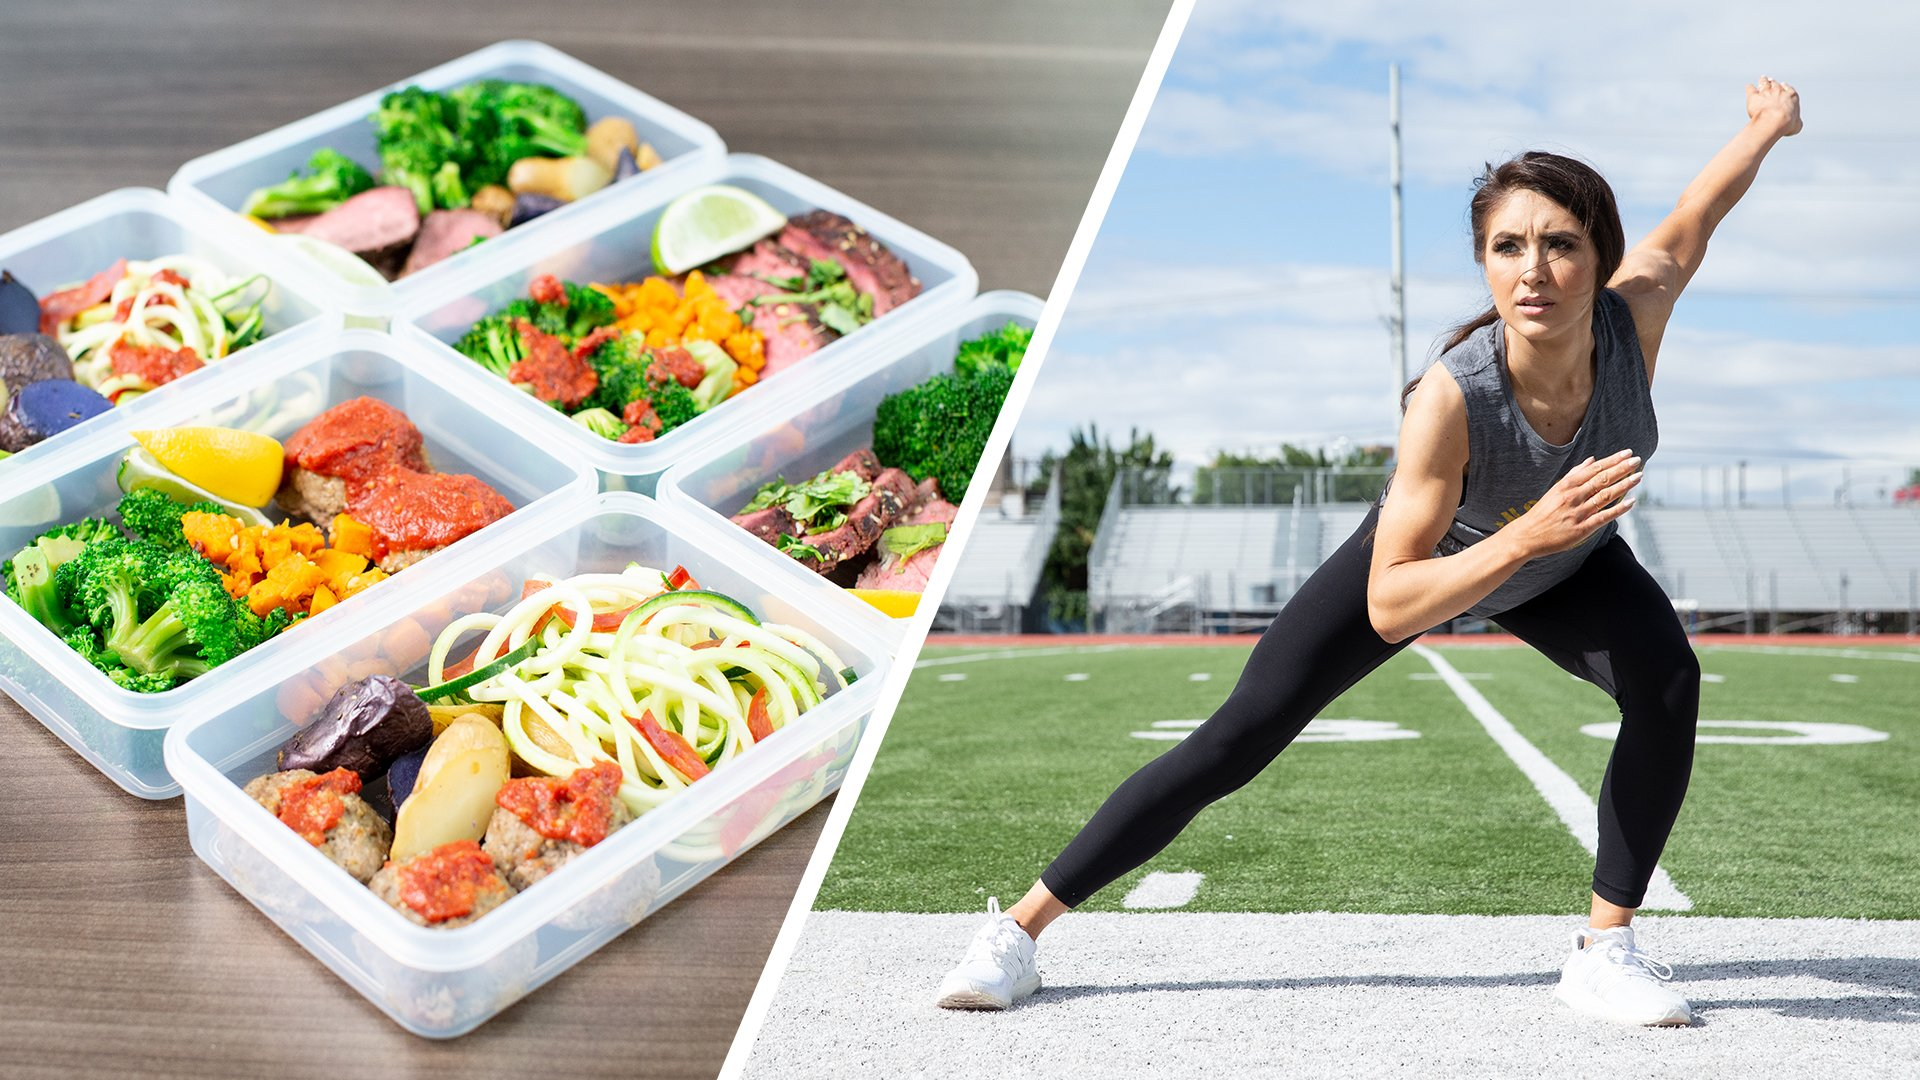 Attività fisica e alimentazione: 4 consigli utili affinché siano efficaci